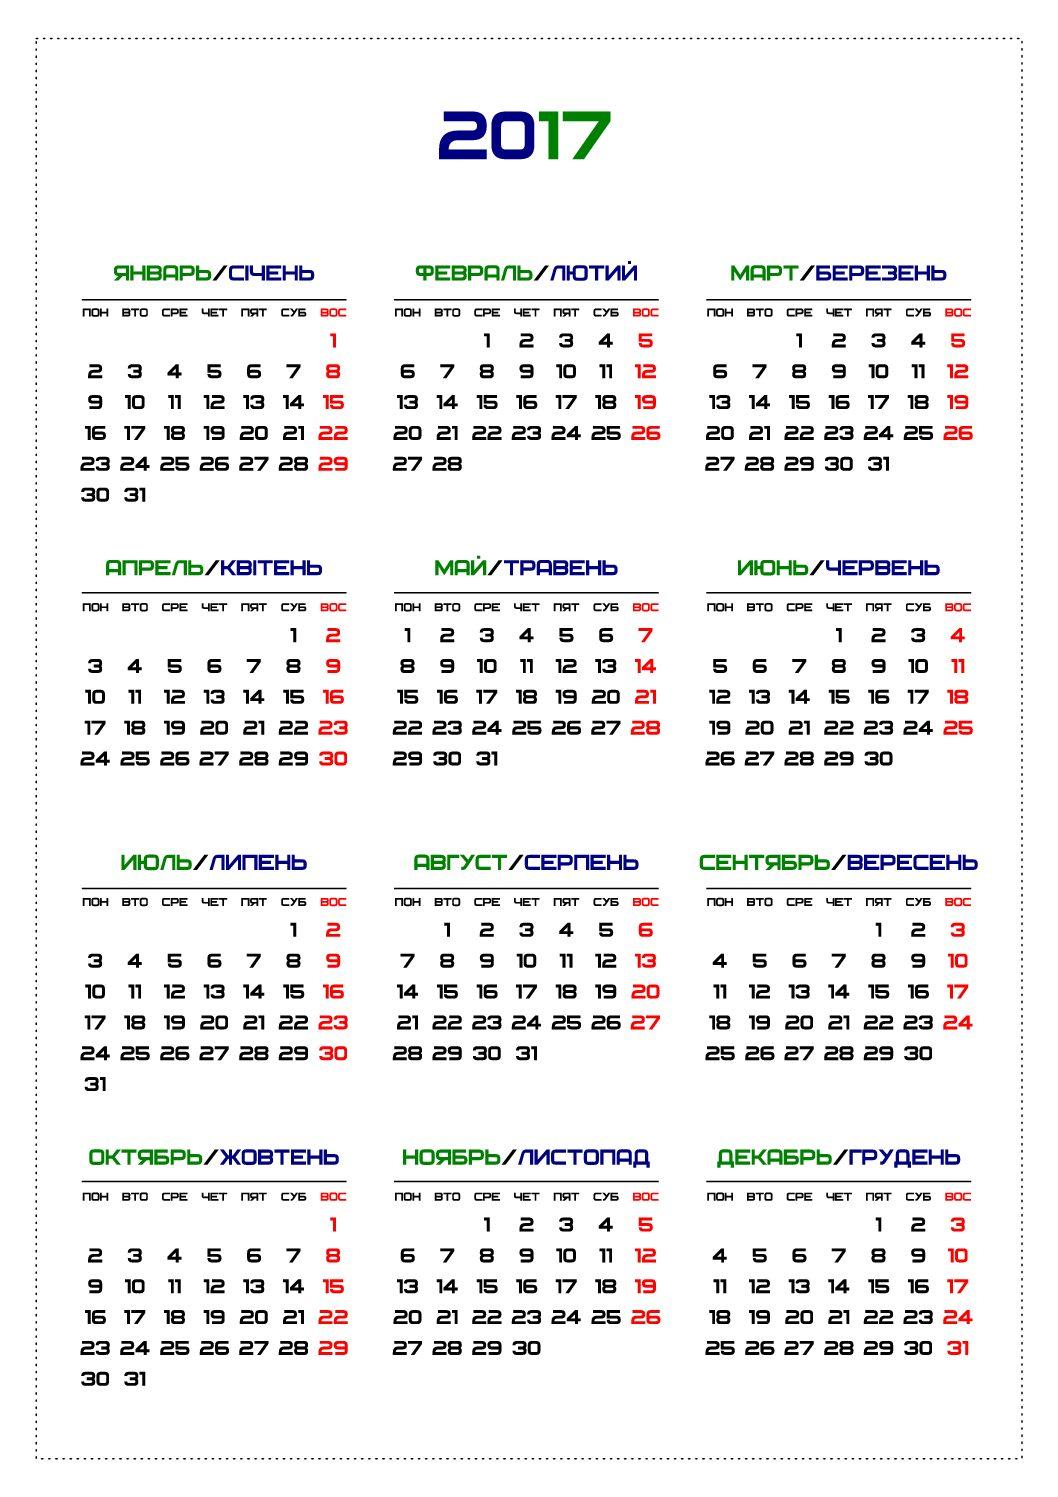 Лунный календарь 2017 для посева огурцов